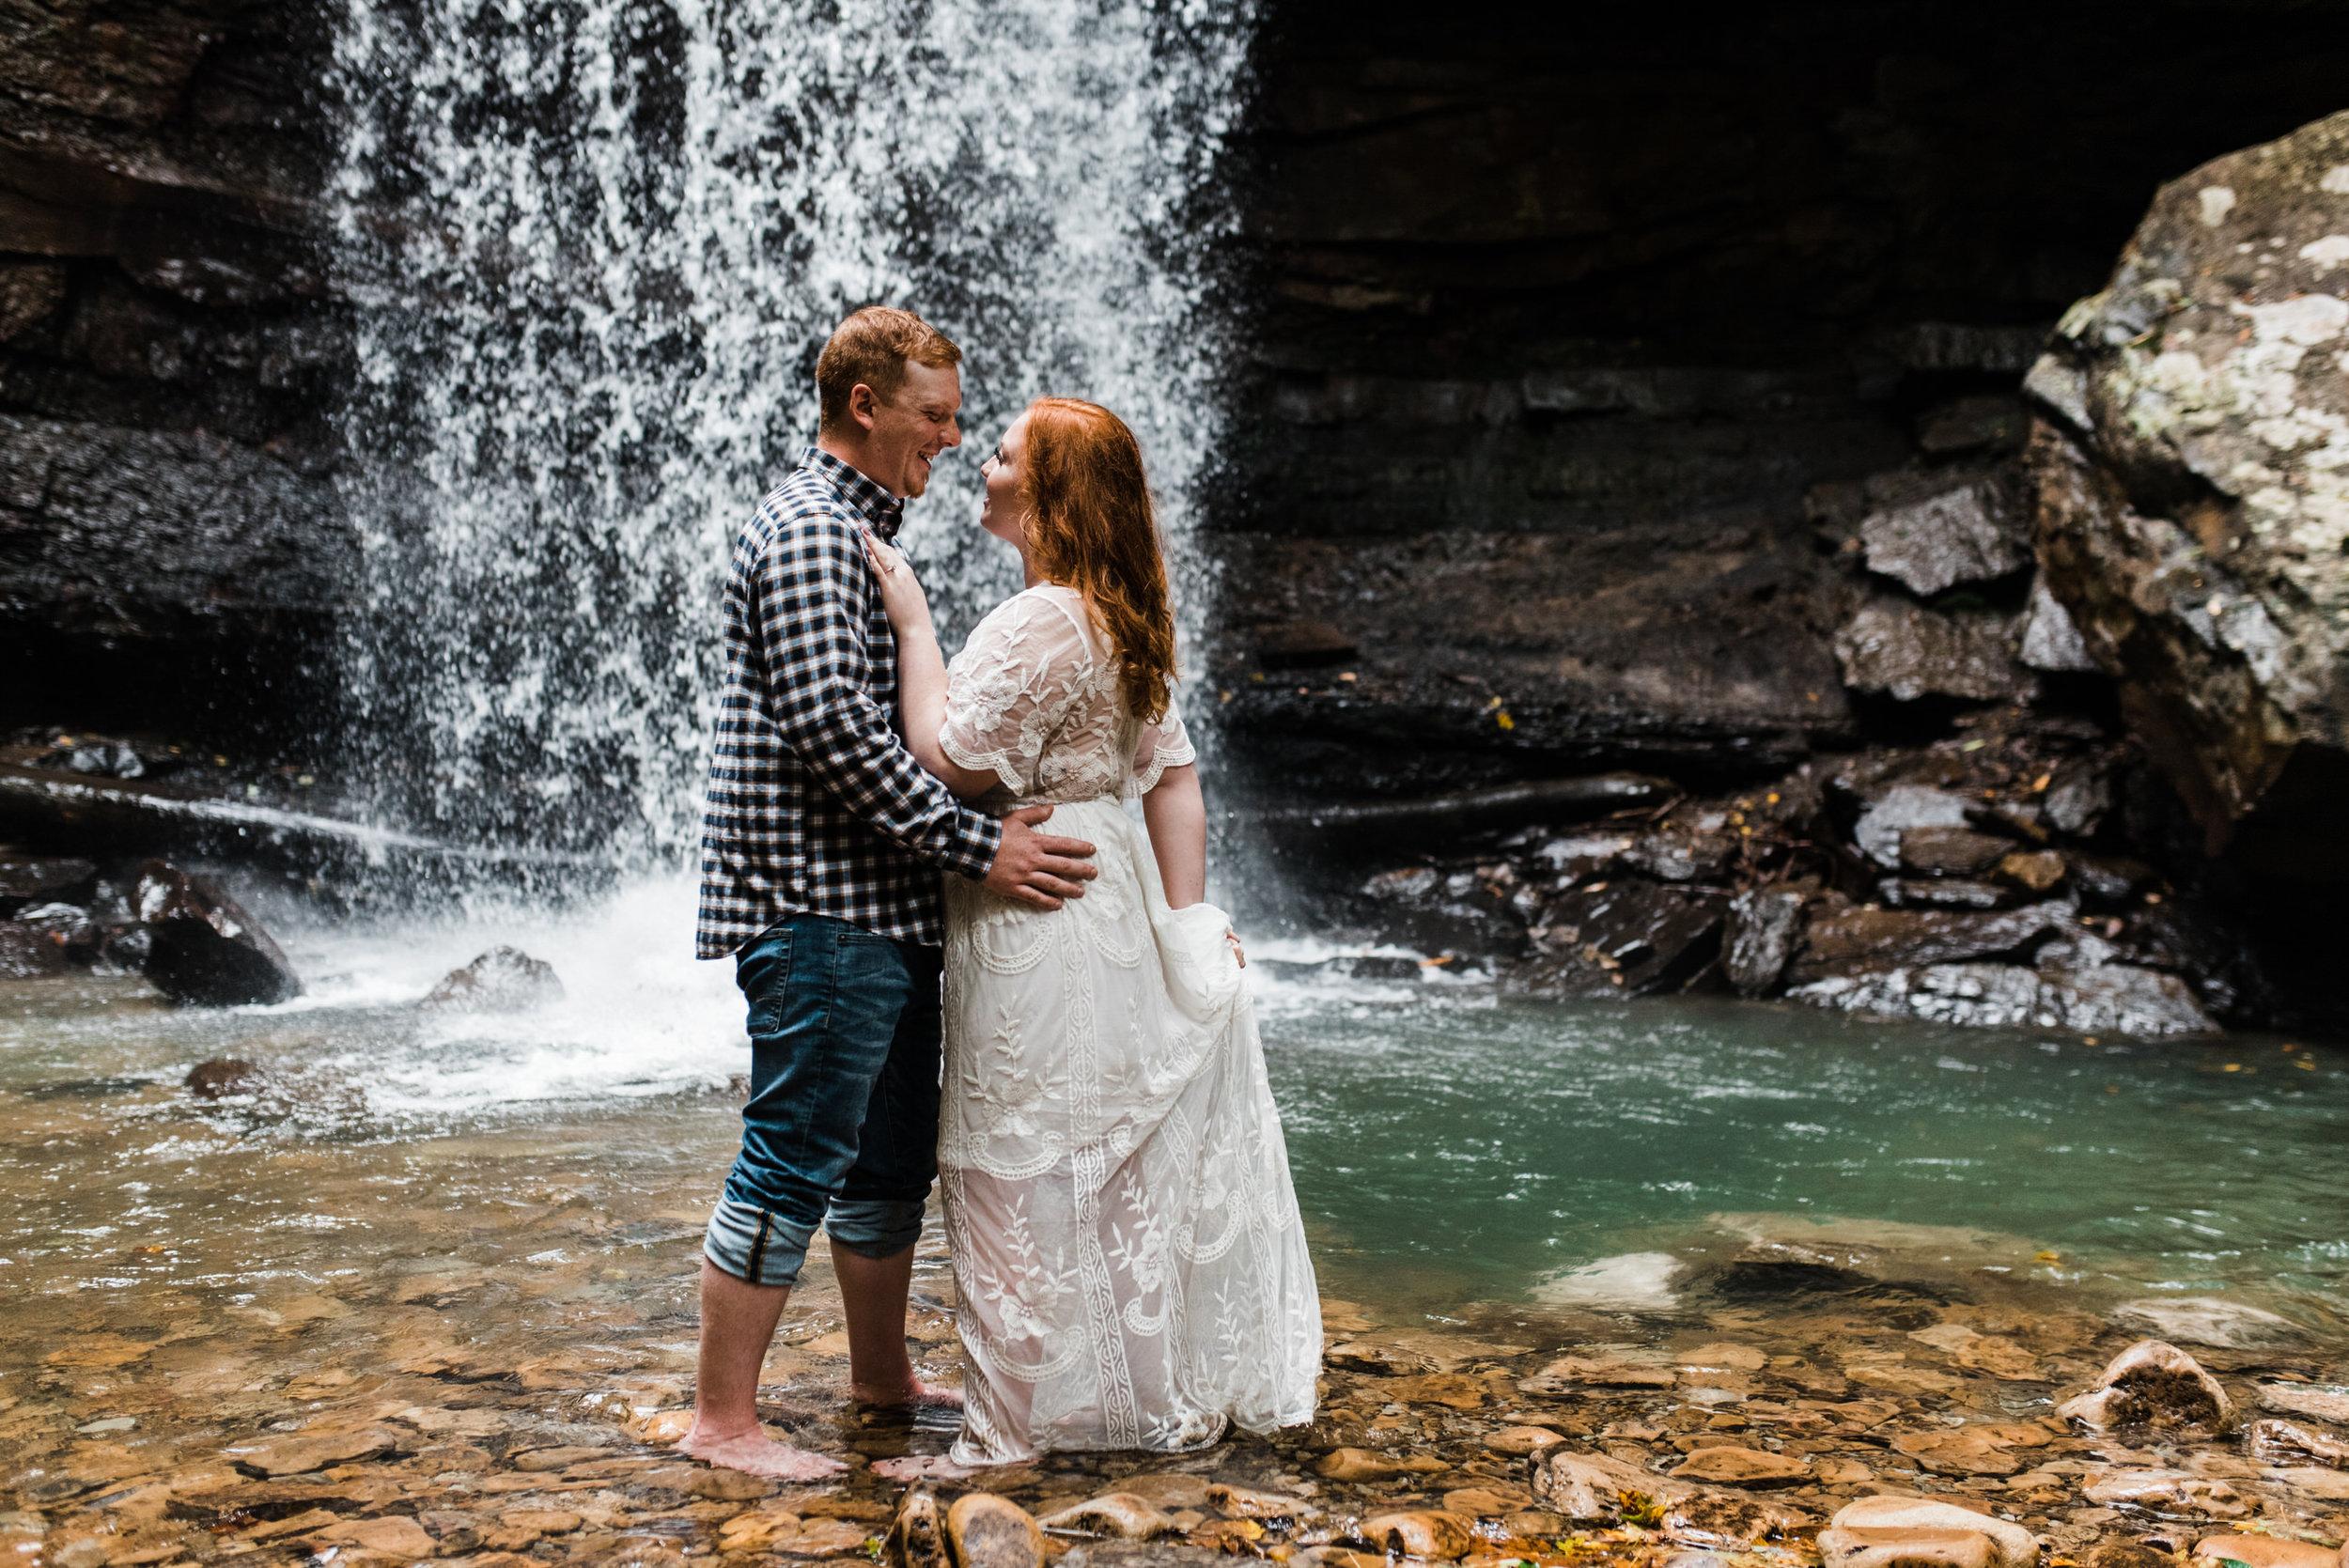 Ohio-Pyle-Engagement_Photos-Ashley-Reed_Photography_022.jpg